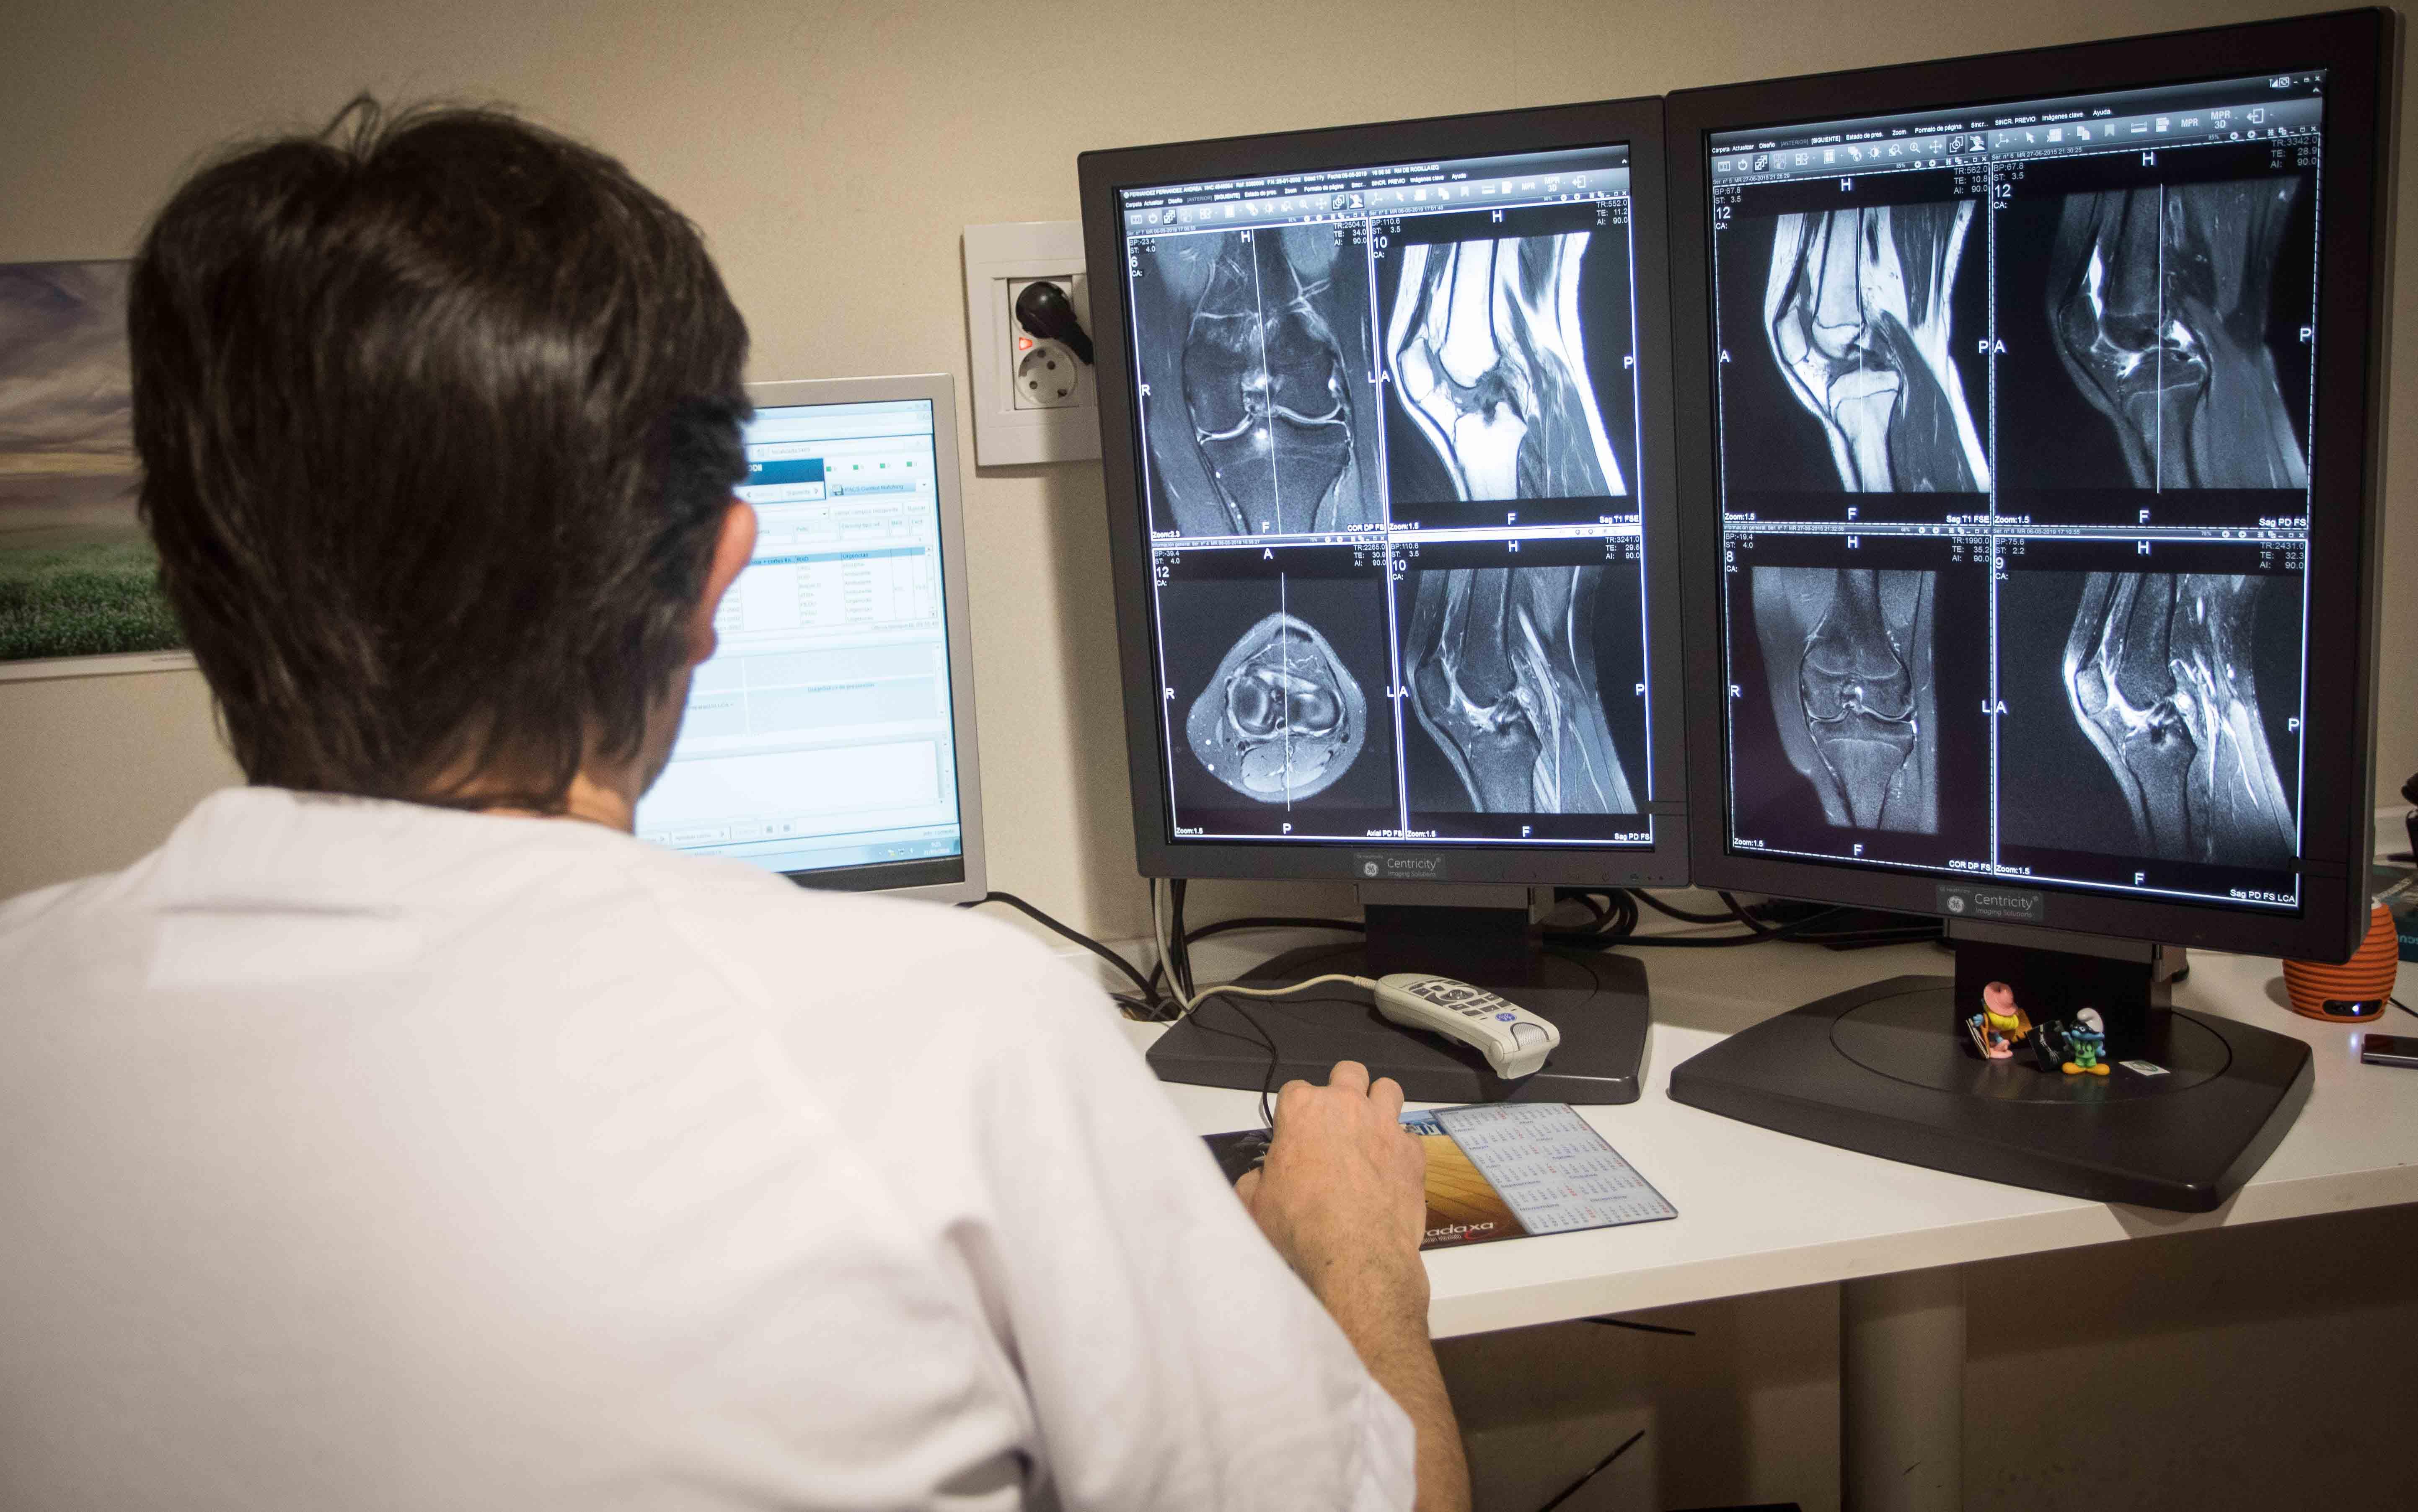 El Hospital de Manises ha realizado 536 cirugías de prótesis de rodilla en 2018, principalmente en pacientes mayores de 55 años.